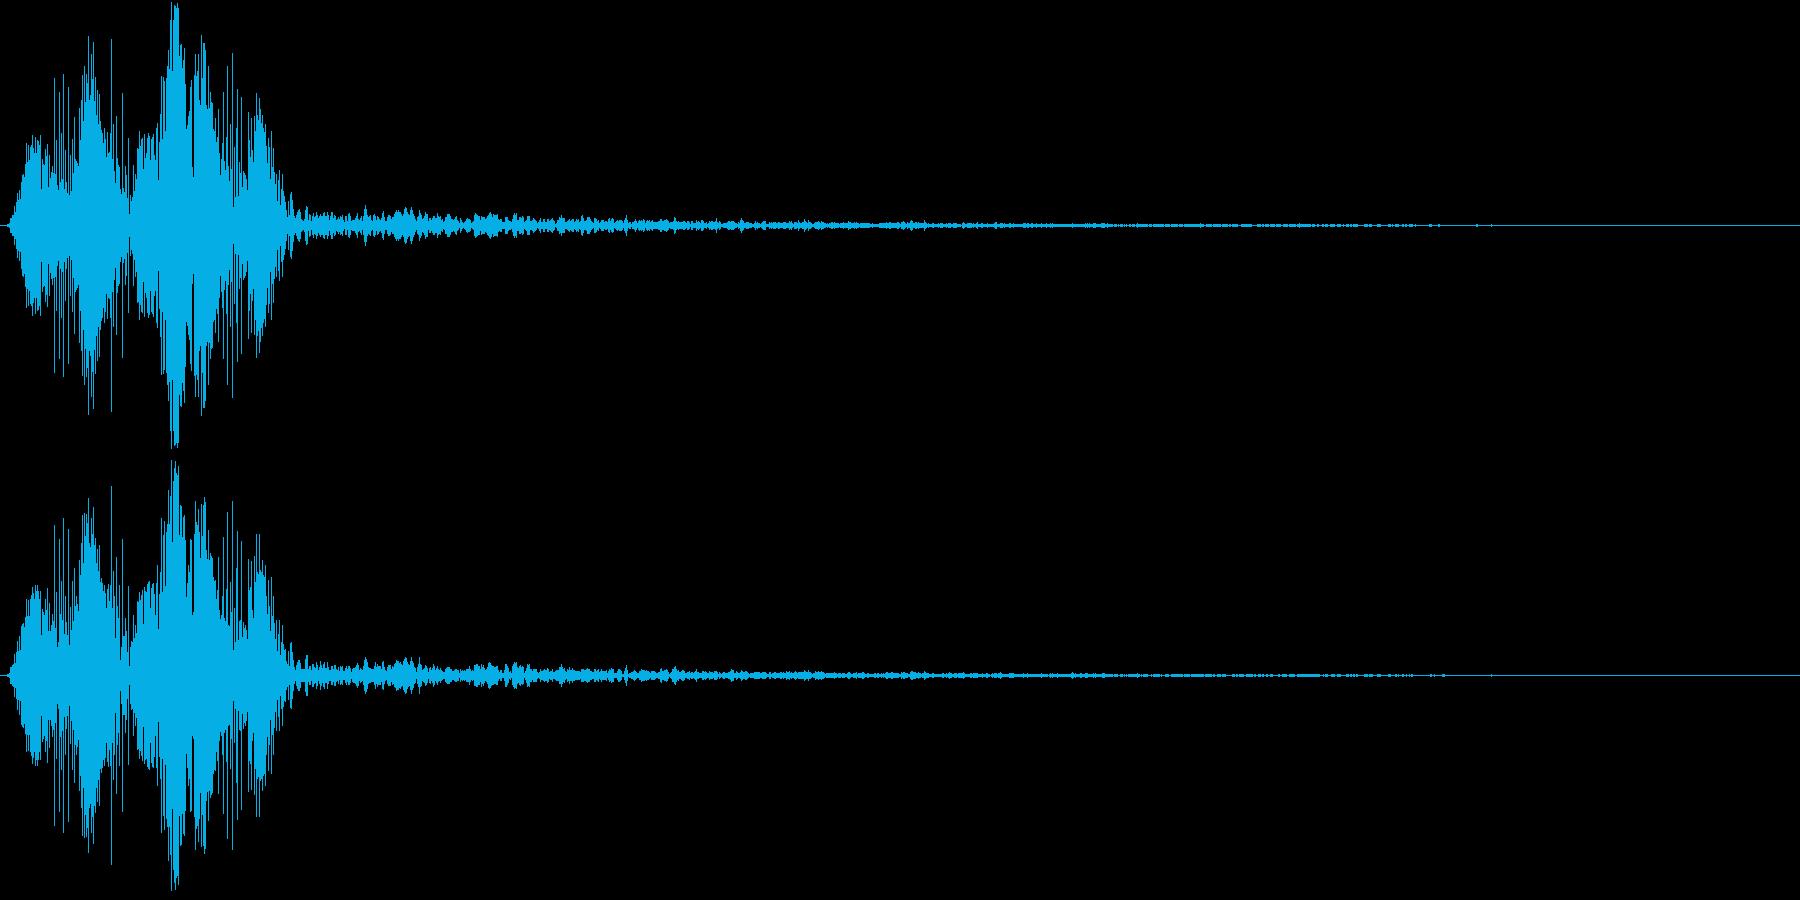 決定・空気感・暗め・ネガティブ2の再生済みの波形